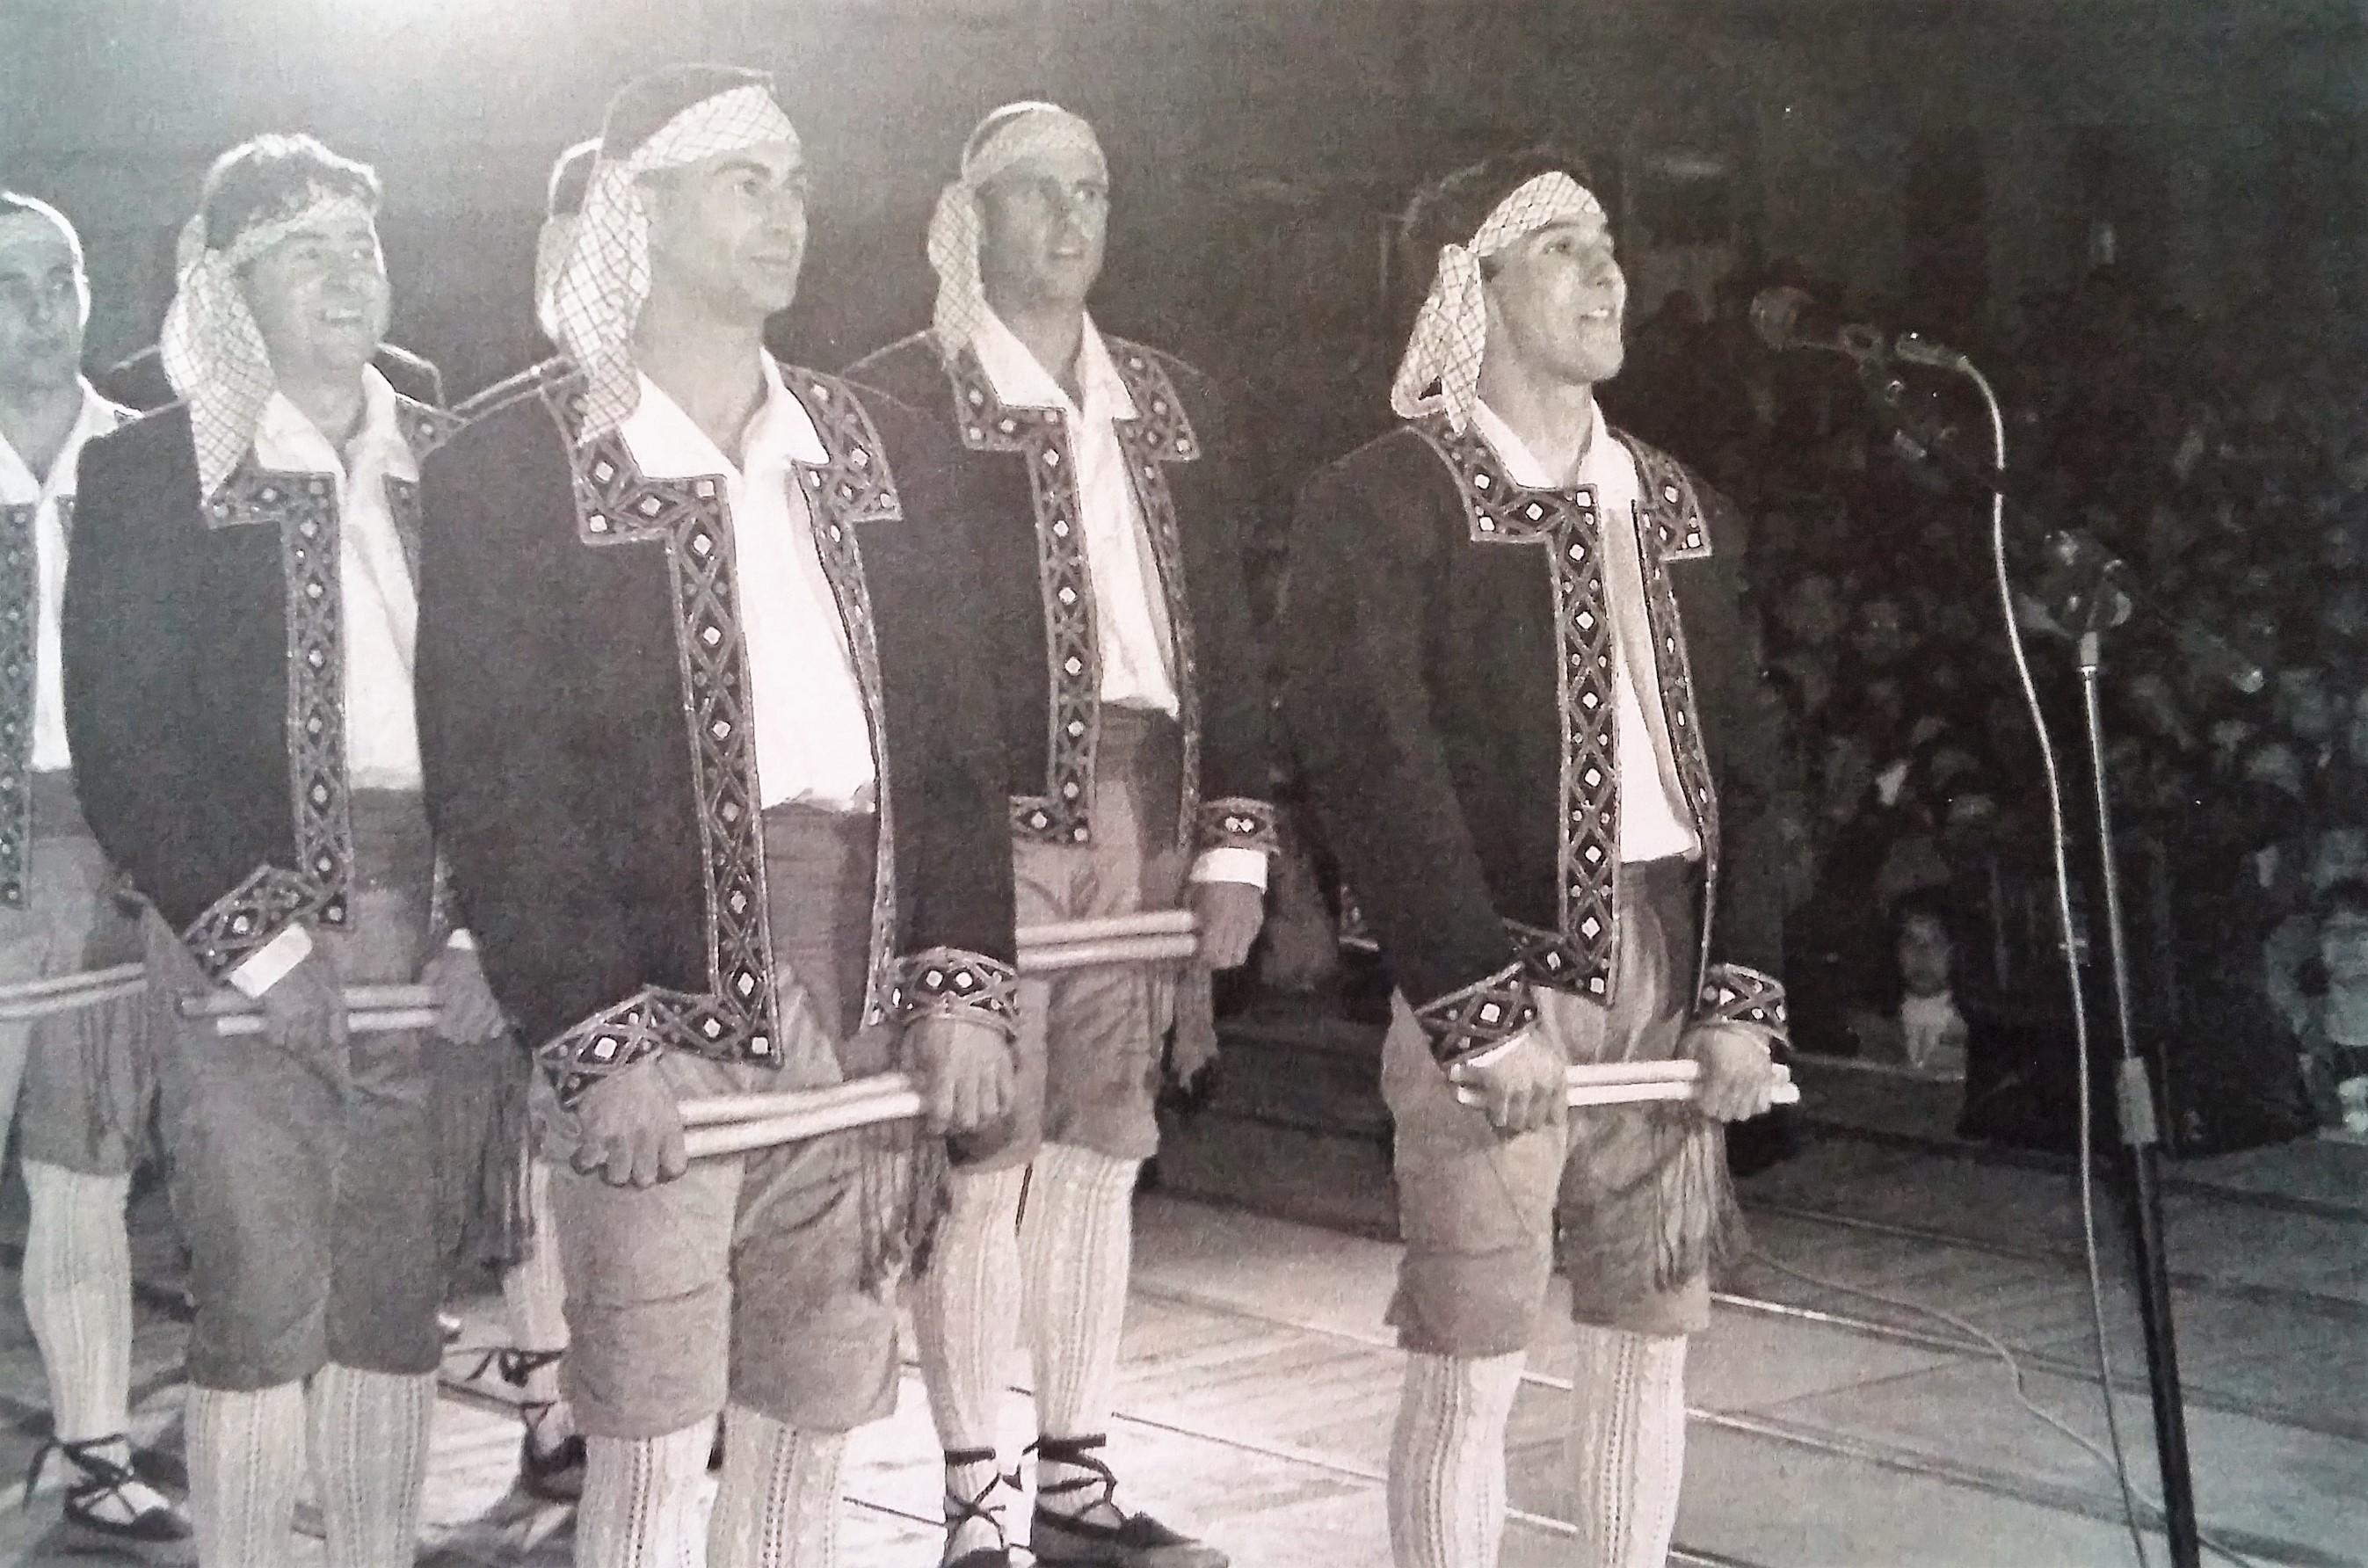 Paloteado de Ablitas. 1996. Cortesías.